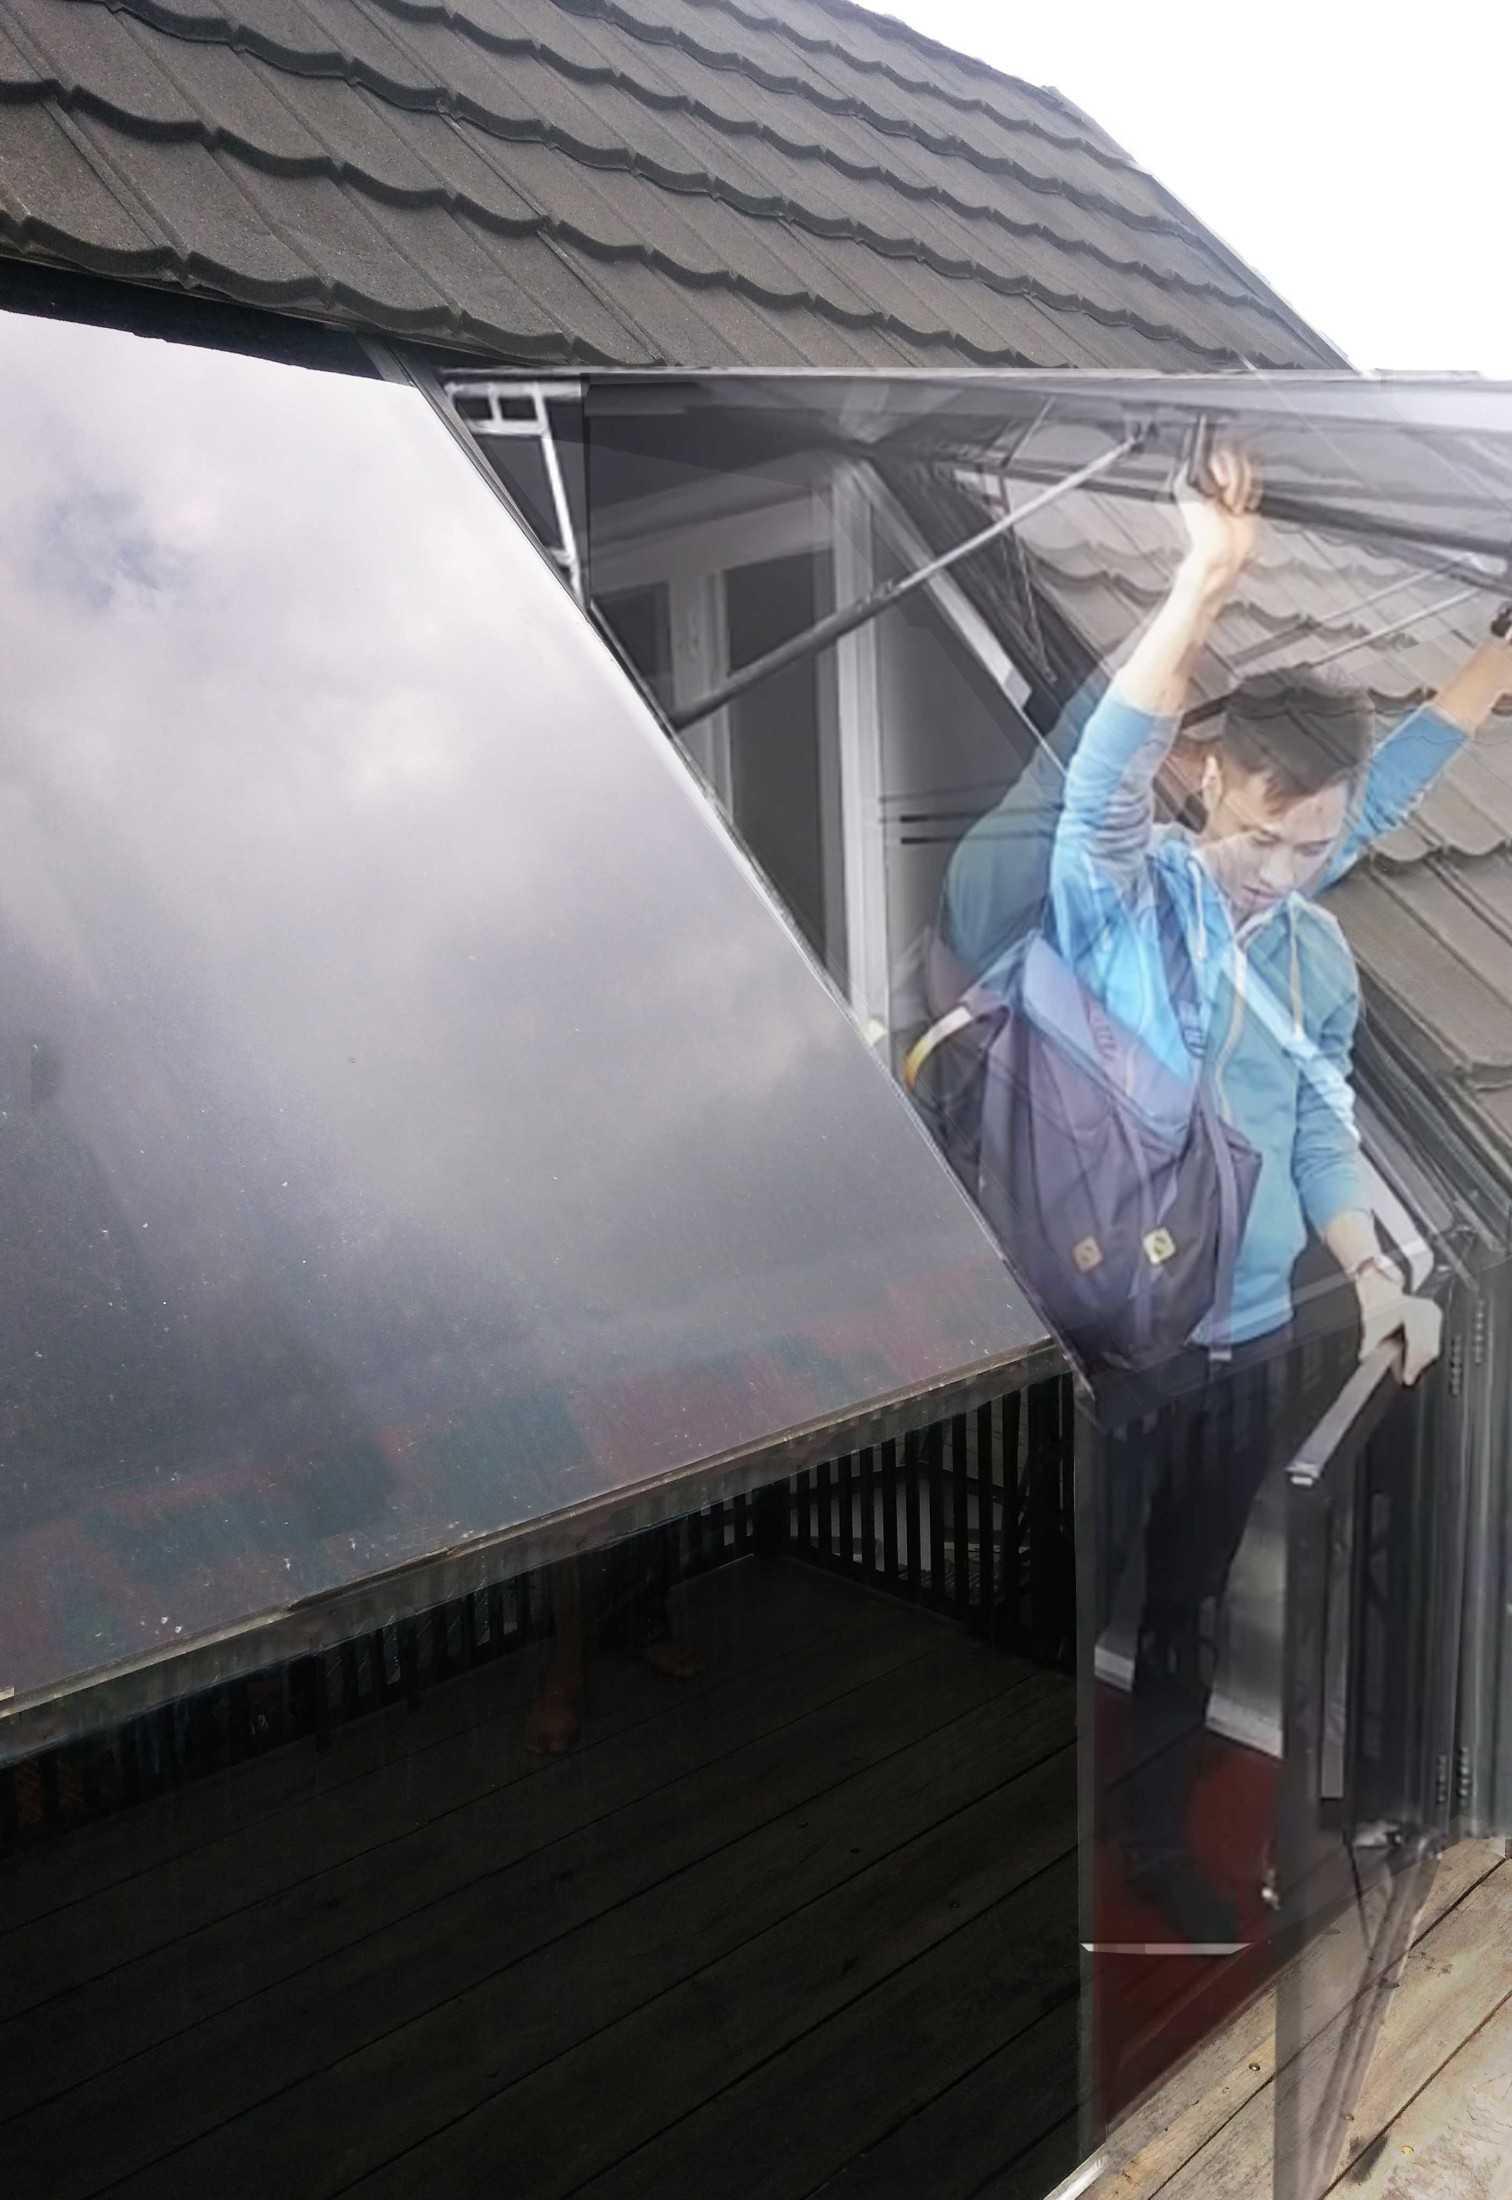 Atelier Ara Rumah Gerlong Bandung, Kota Bandung, Jawa Barat, Indonesia Bandung, Kota Bandung, Jawa Barat, Indonesia Atelier-Ara-Rumah-Gerlong  74333